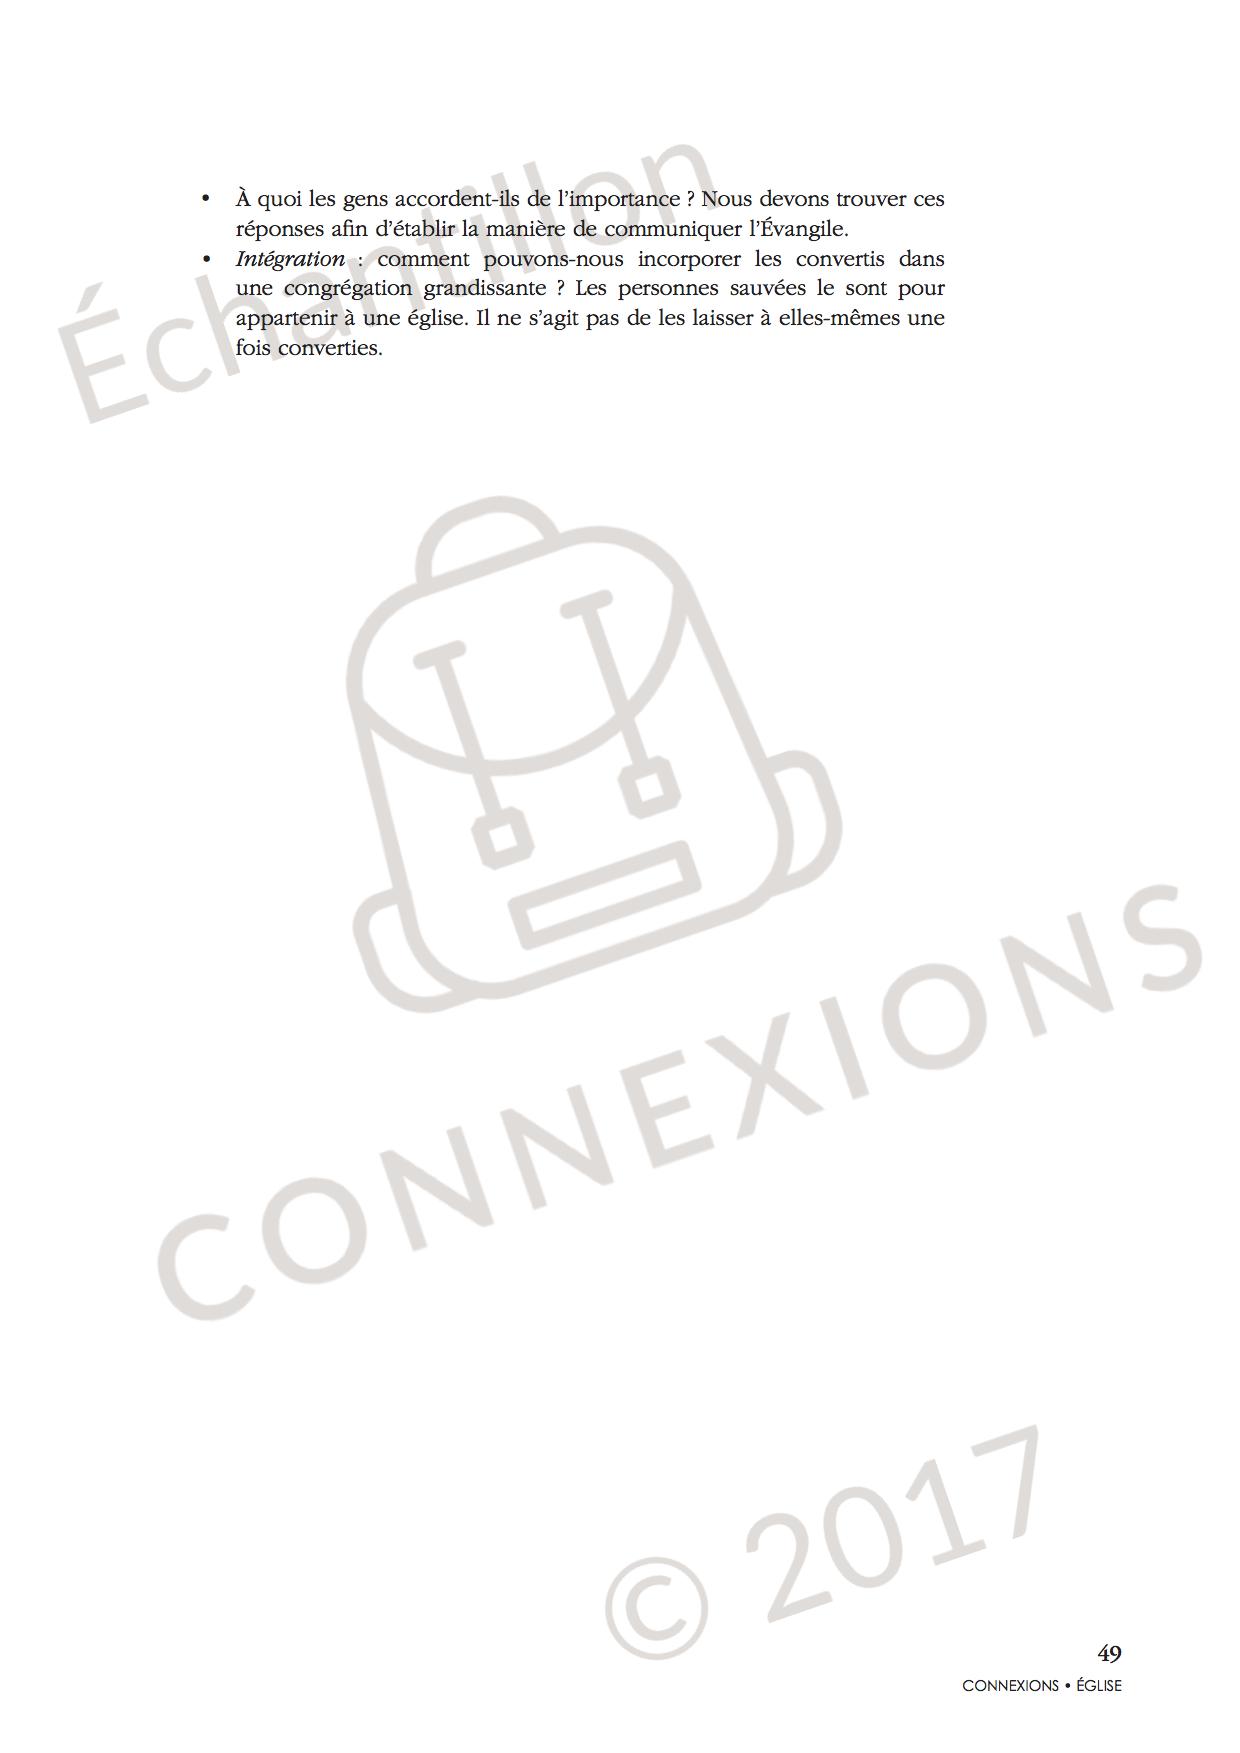 Église missionnelle et implantation d'église_sample_published.10.png